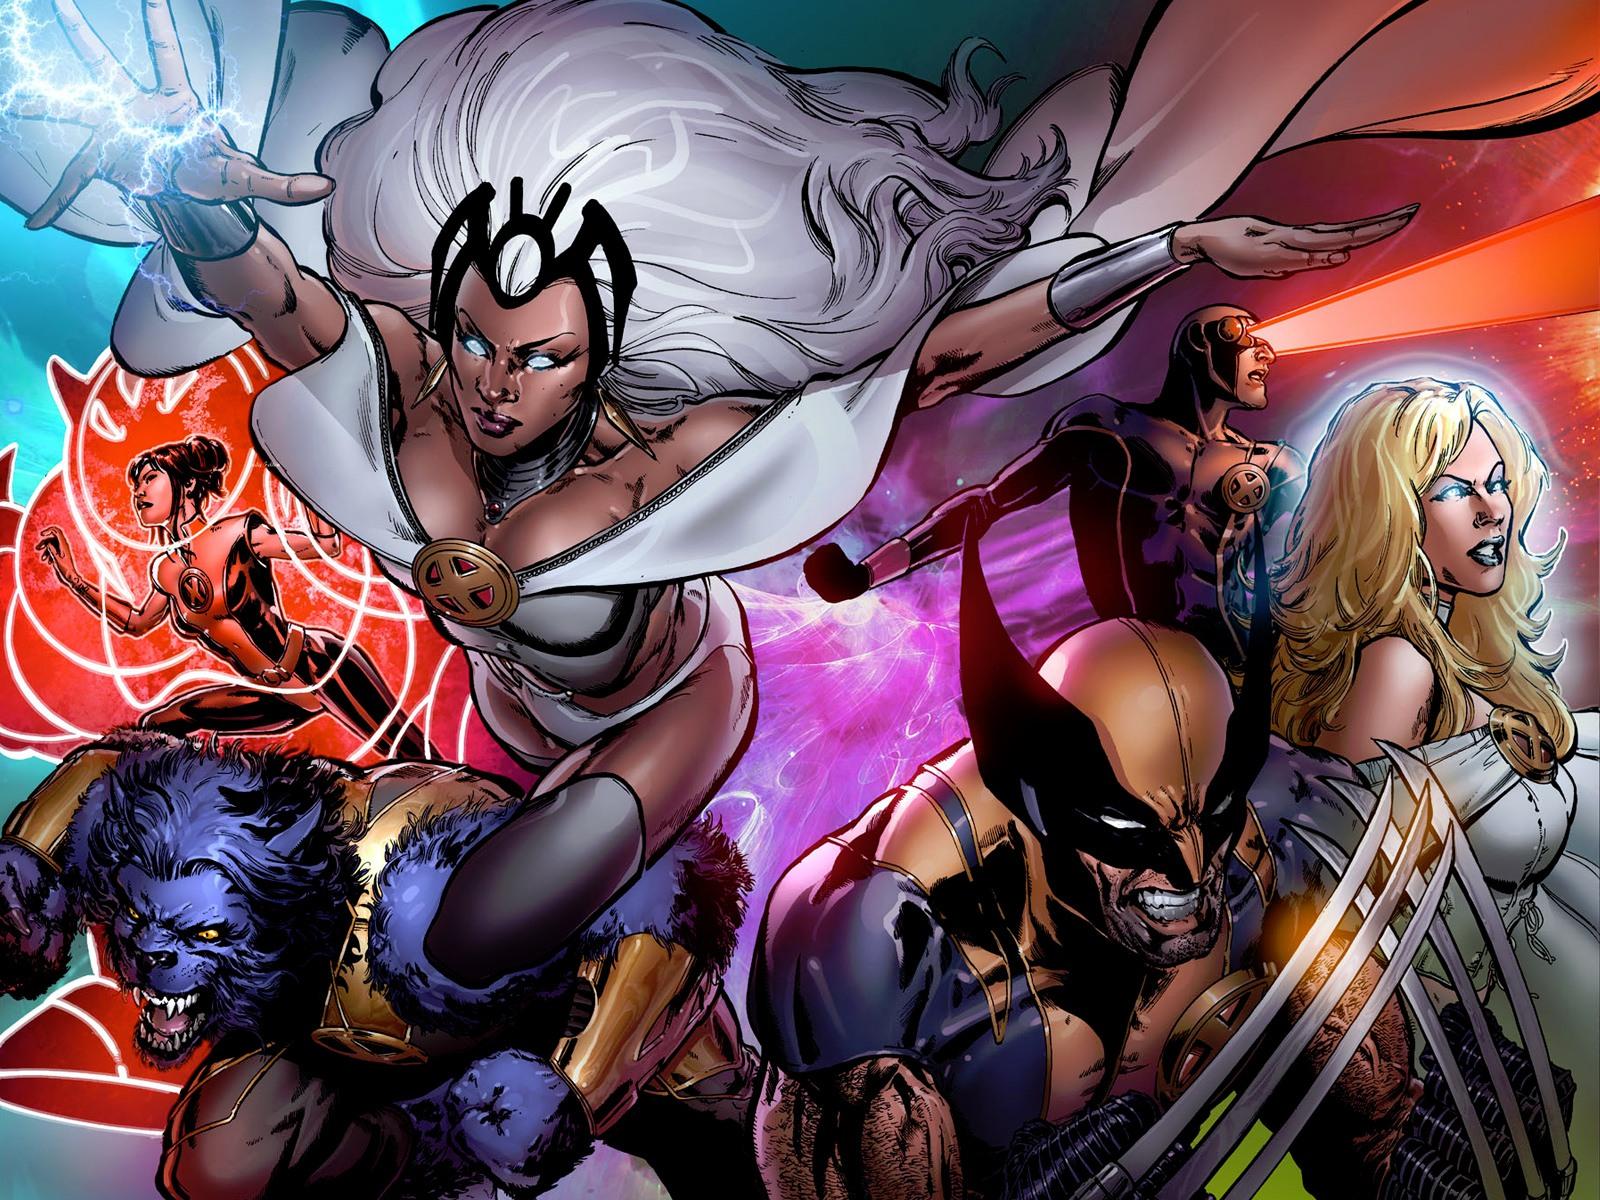 Jeph Loeb habla más sobre el nuevo show de mutantes de Fox/Marvel y Hellfire